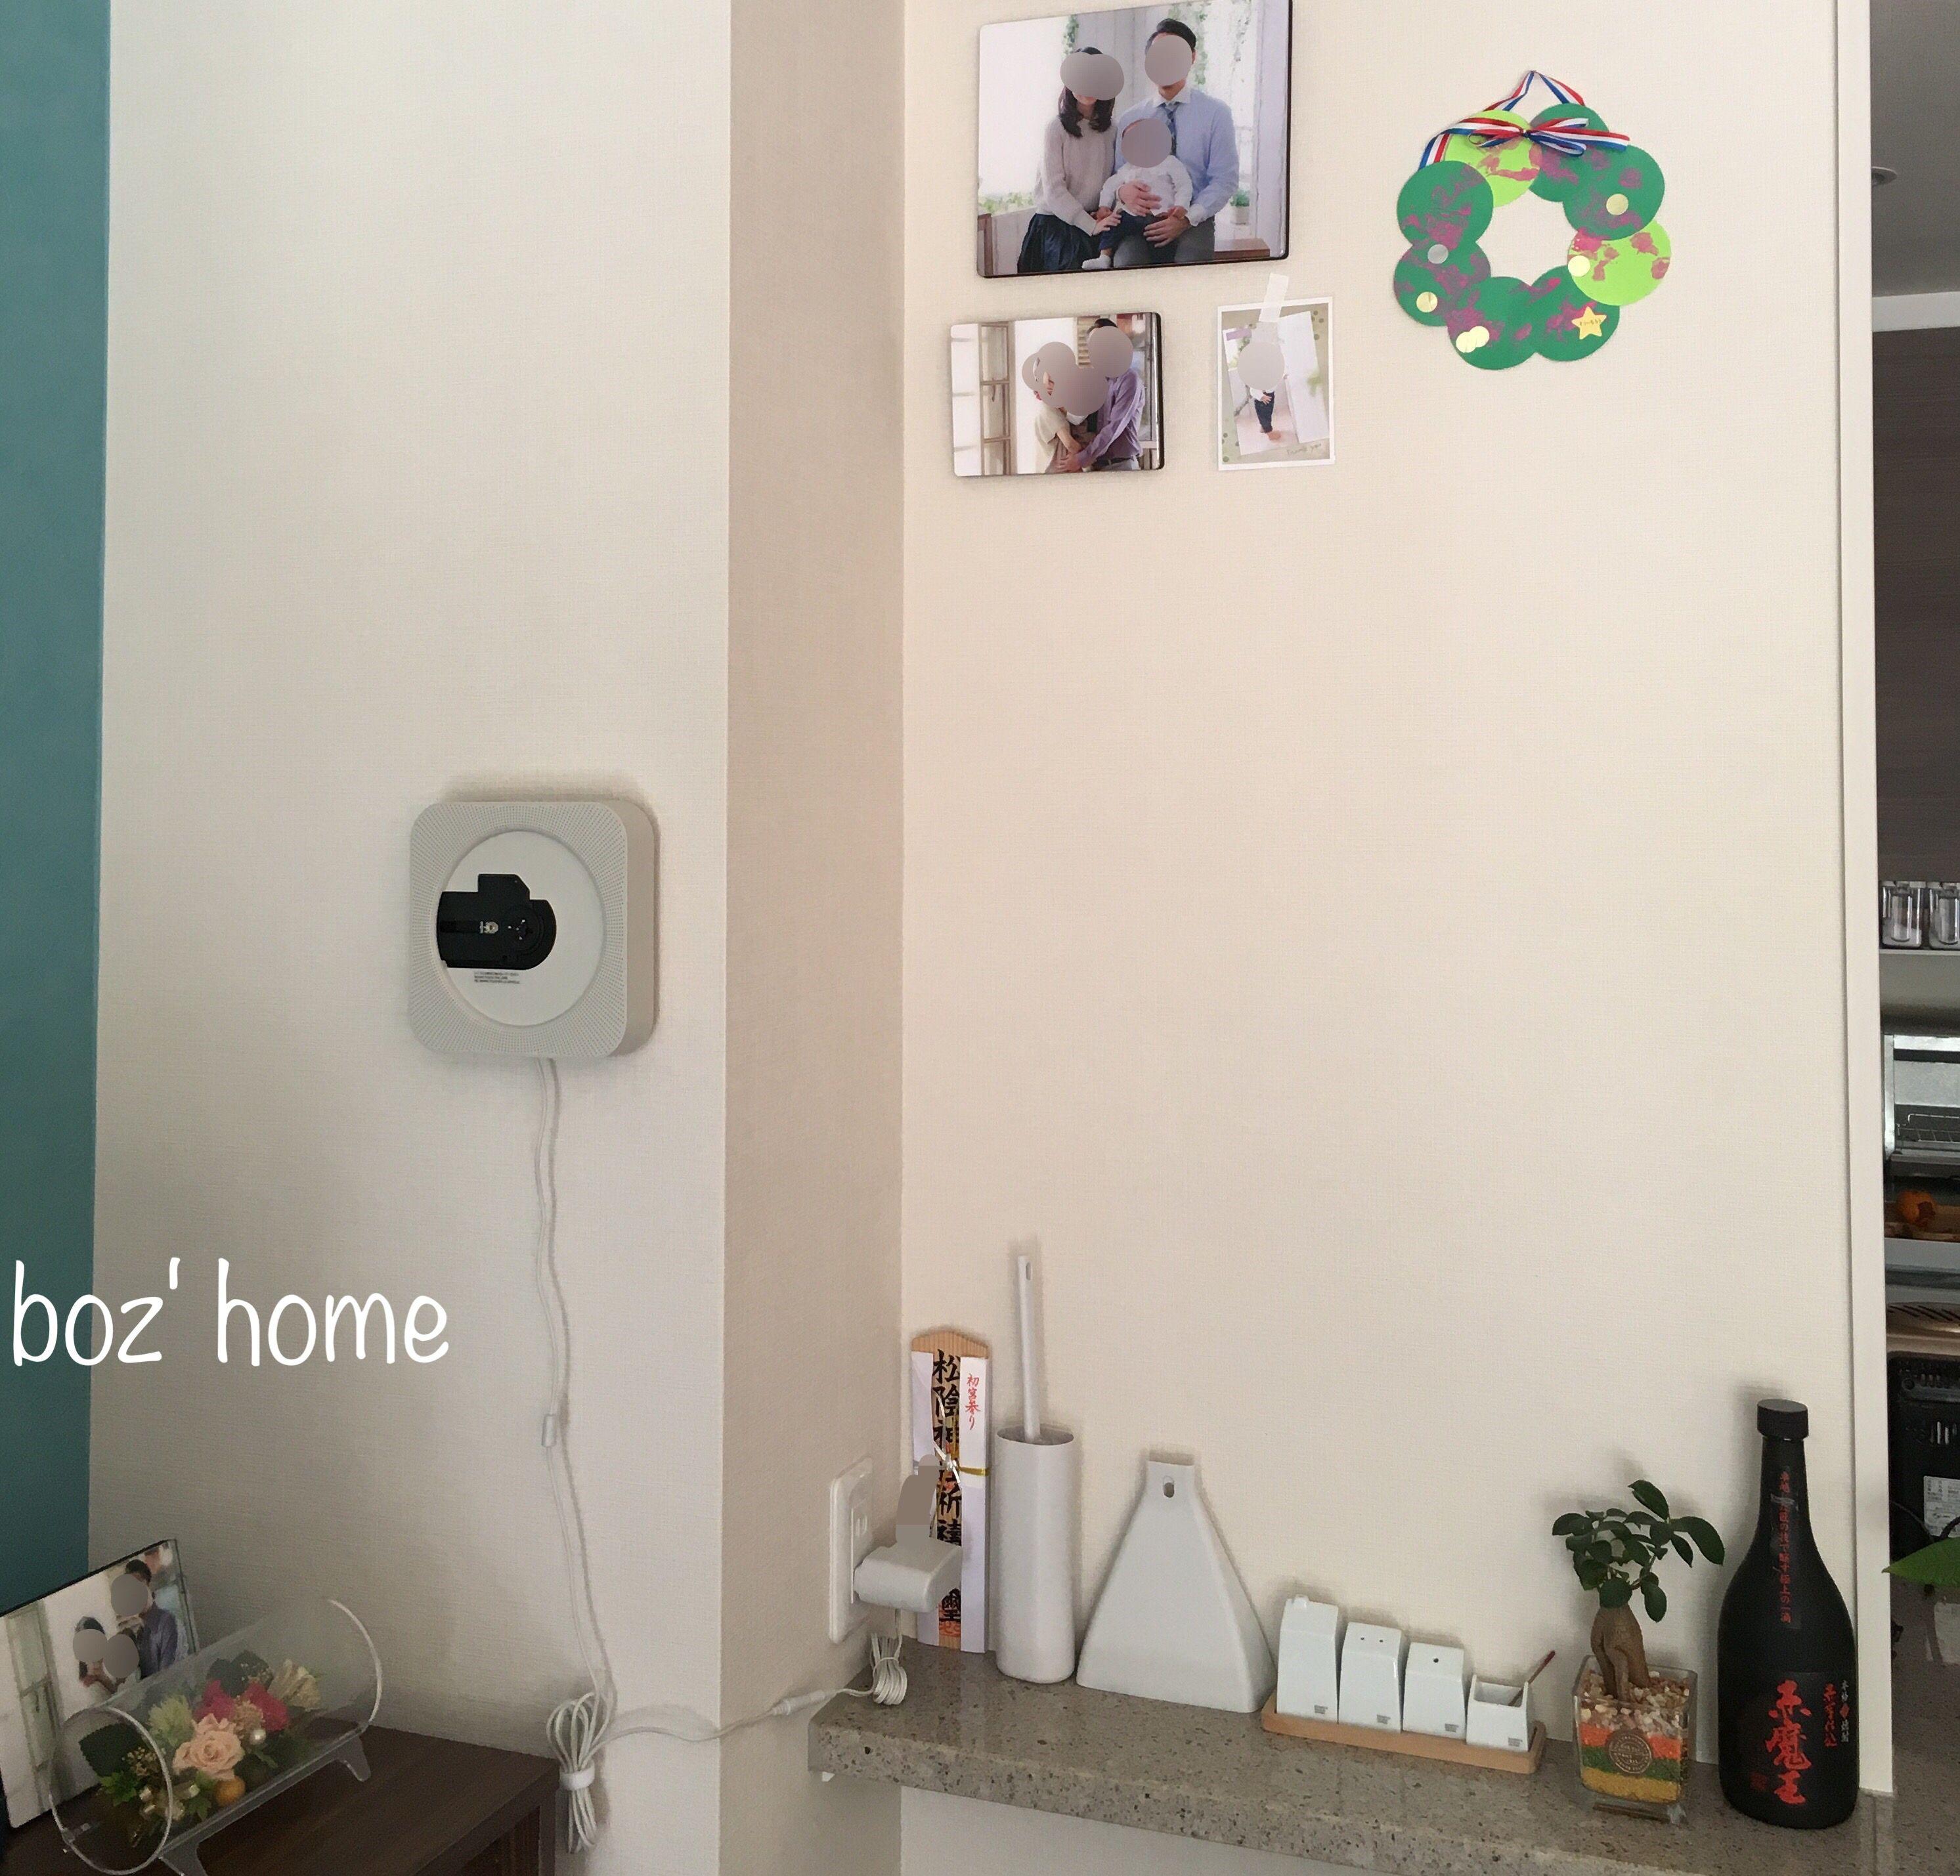 無印良品の壁に付けられる家具、接近した所